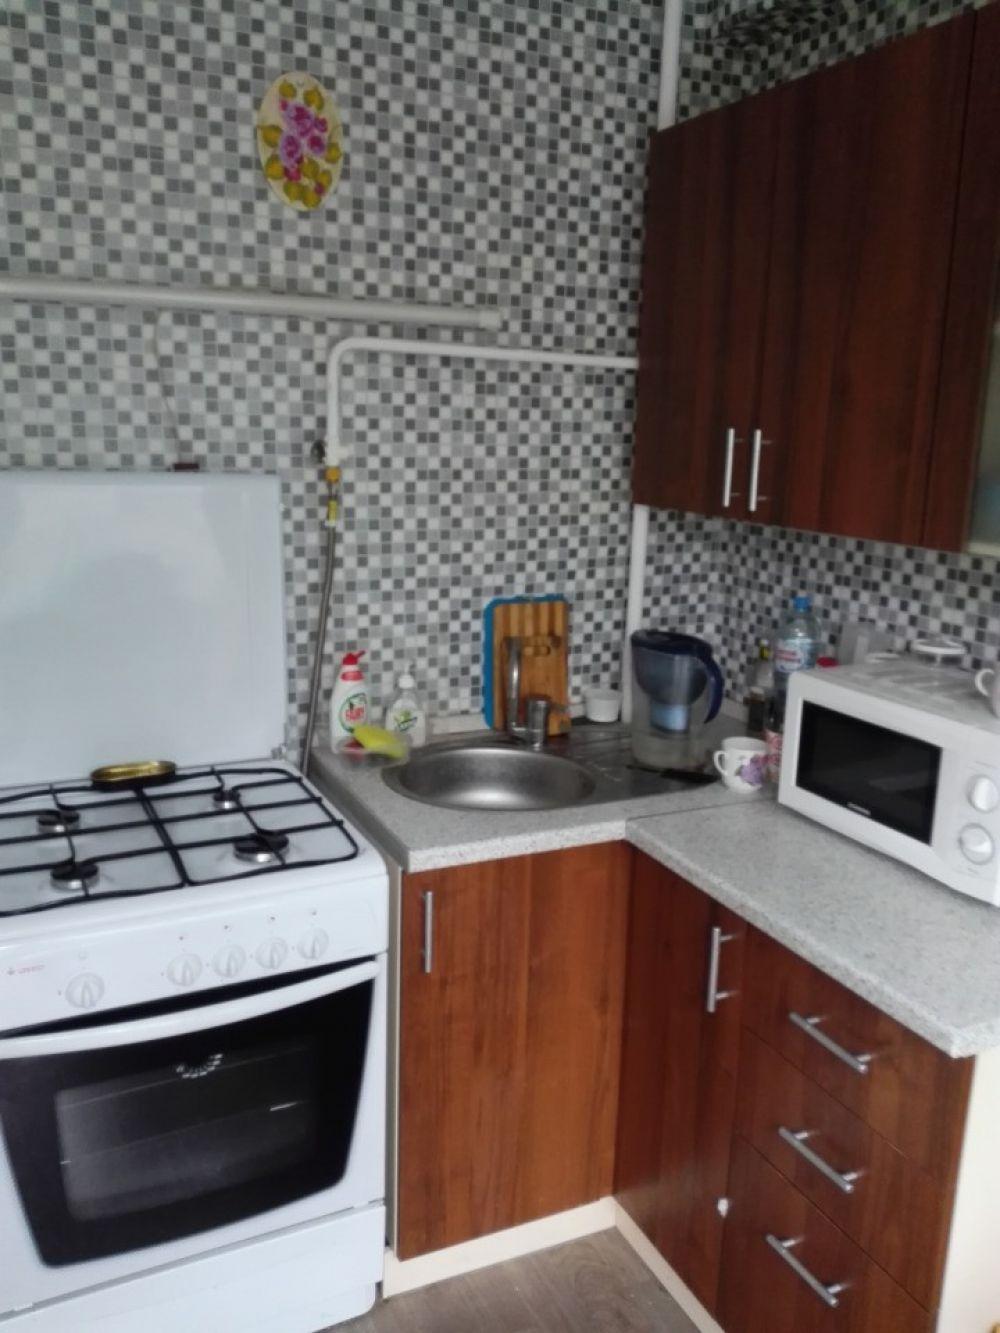 1-к квартира, Щелково, улица Неделина, 15, фото 1